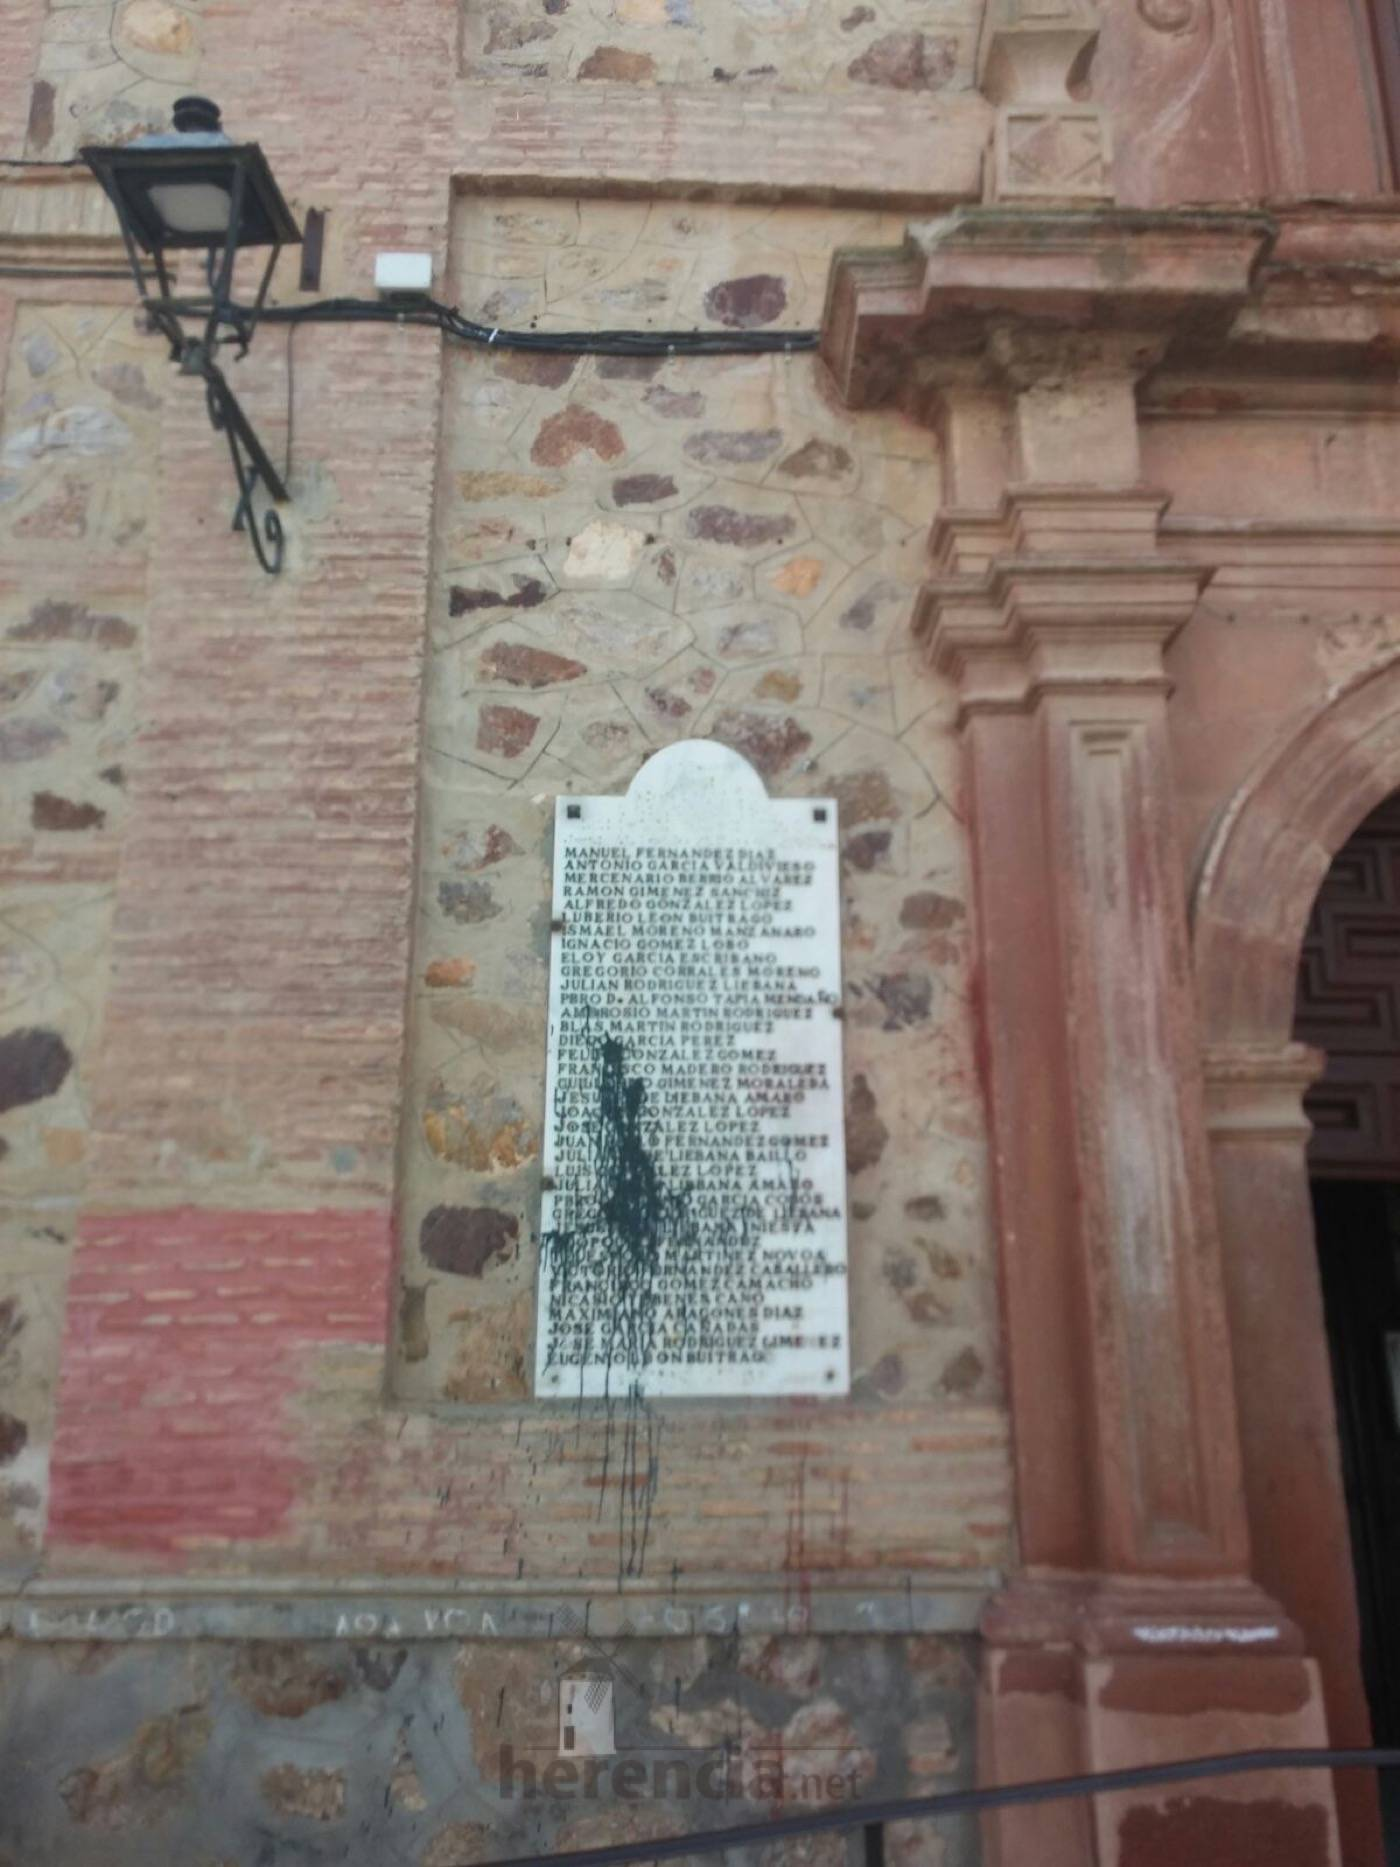 placas en memoria a los caidos en fachada del convento de herencia - 1